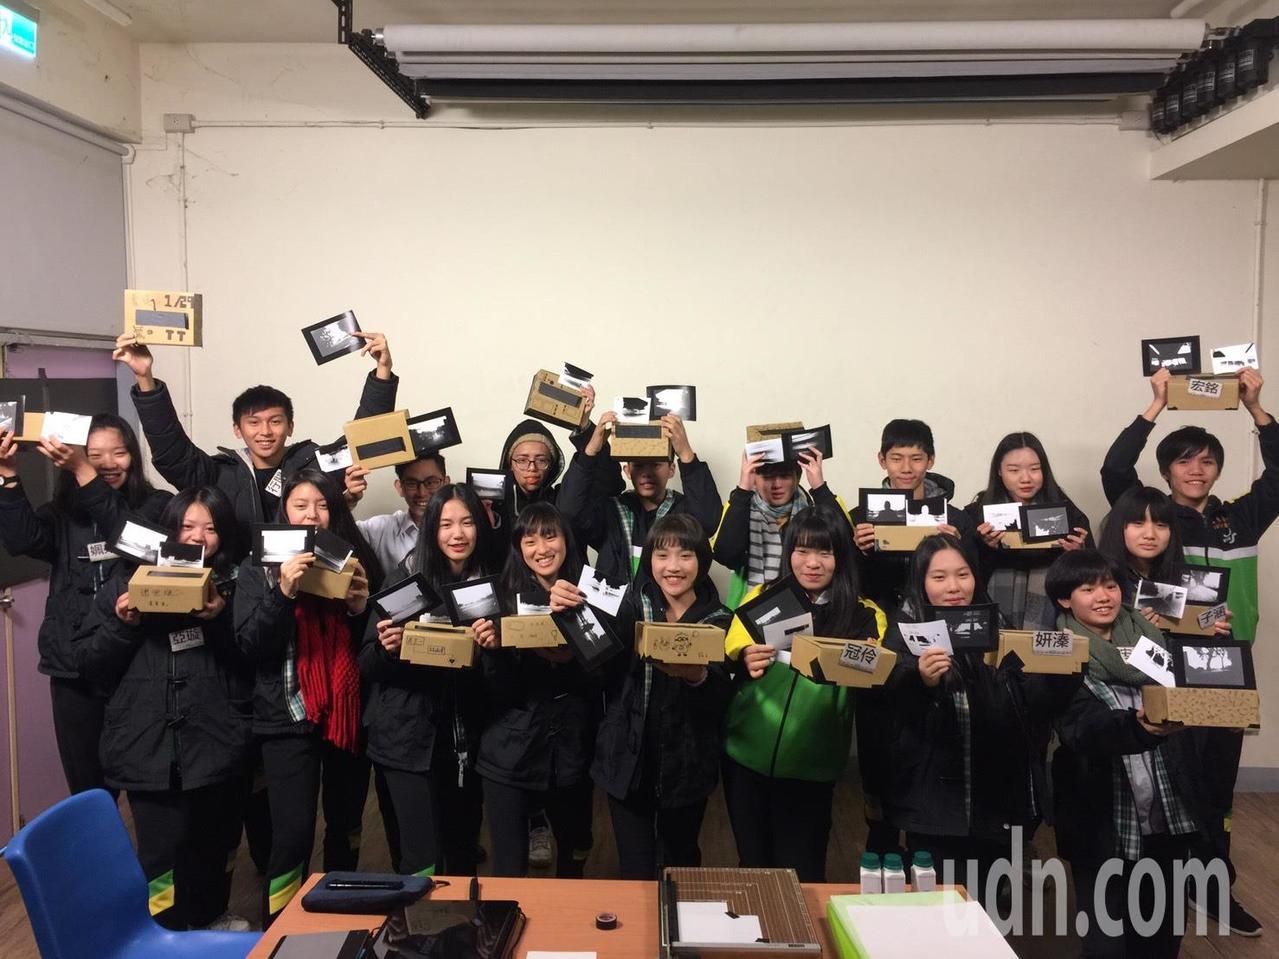 桃園至善高中和北藝大今年舉行「影像冬令營」,學生以傳統攝影方式拍照、洗照片,老師...